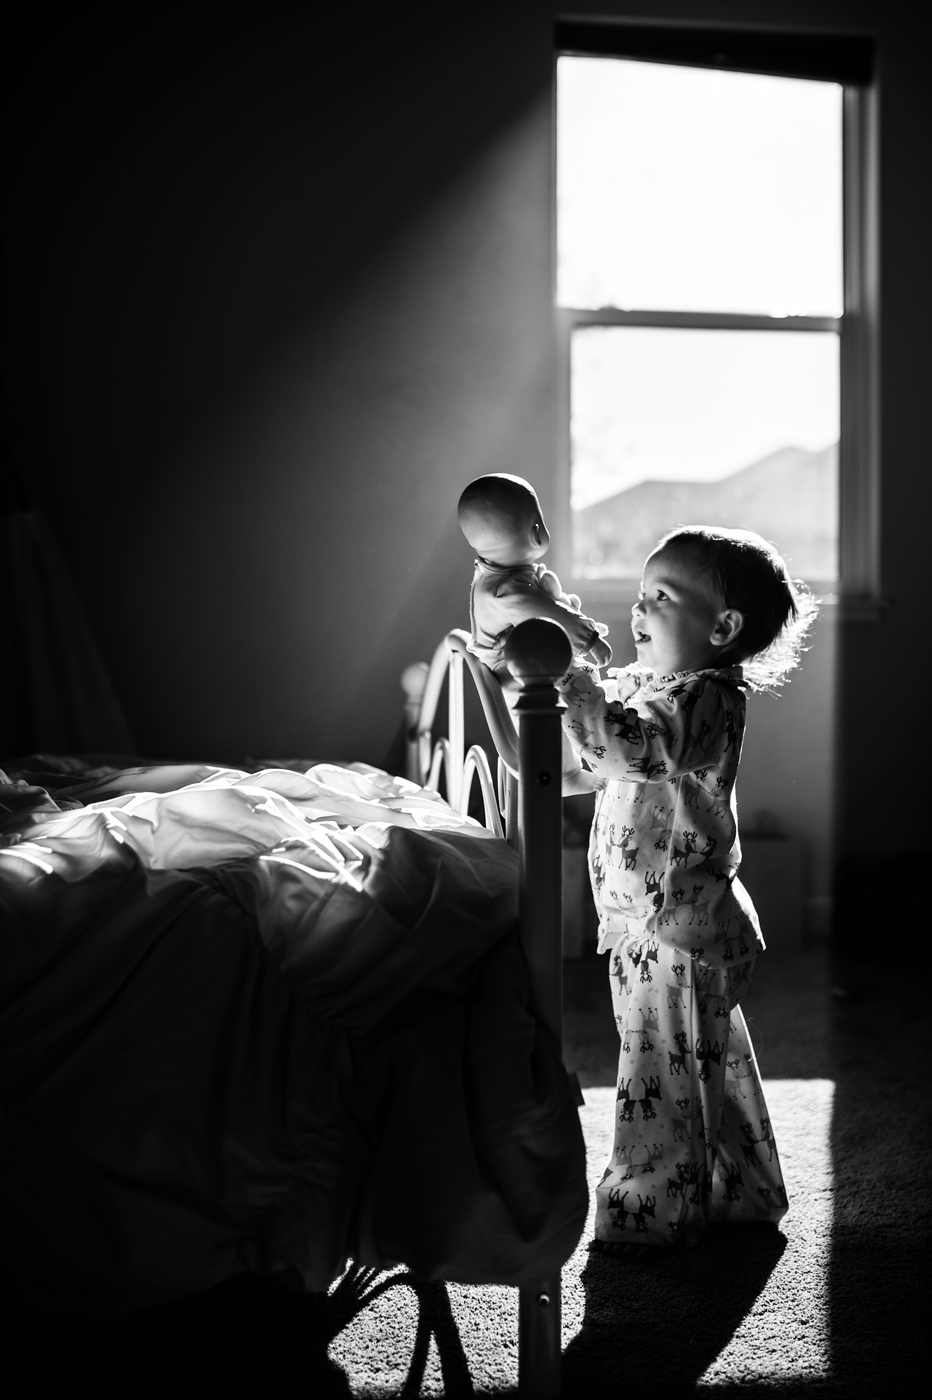 Houser_Imitations of motherhood